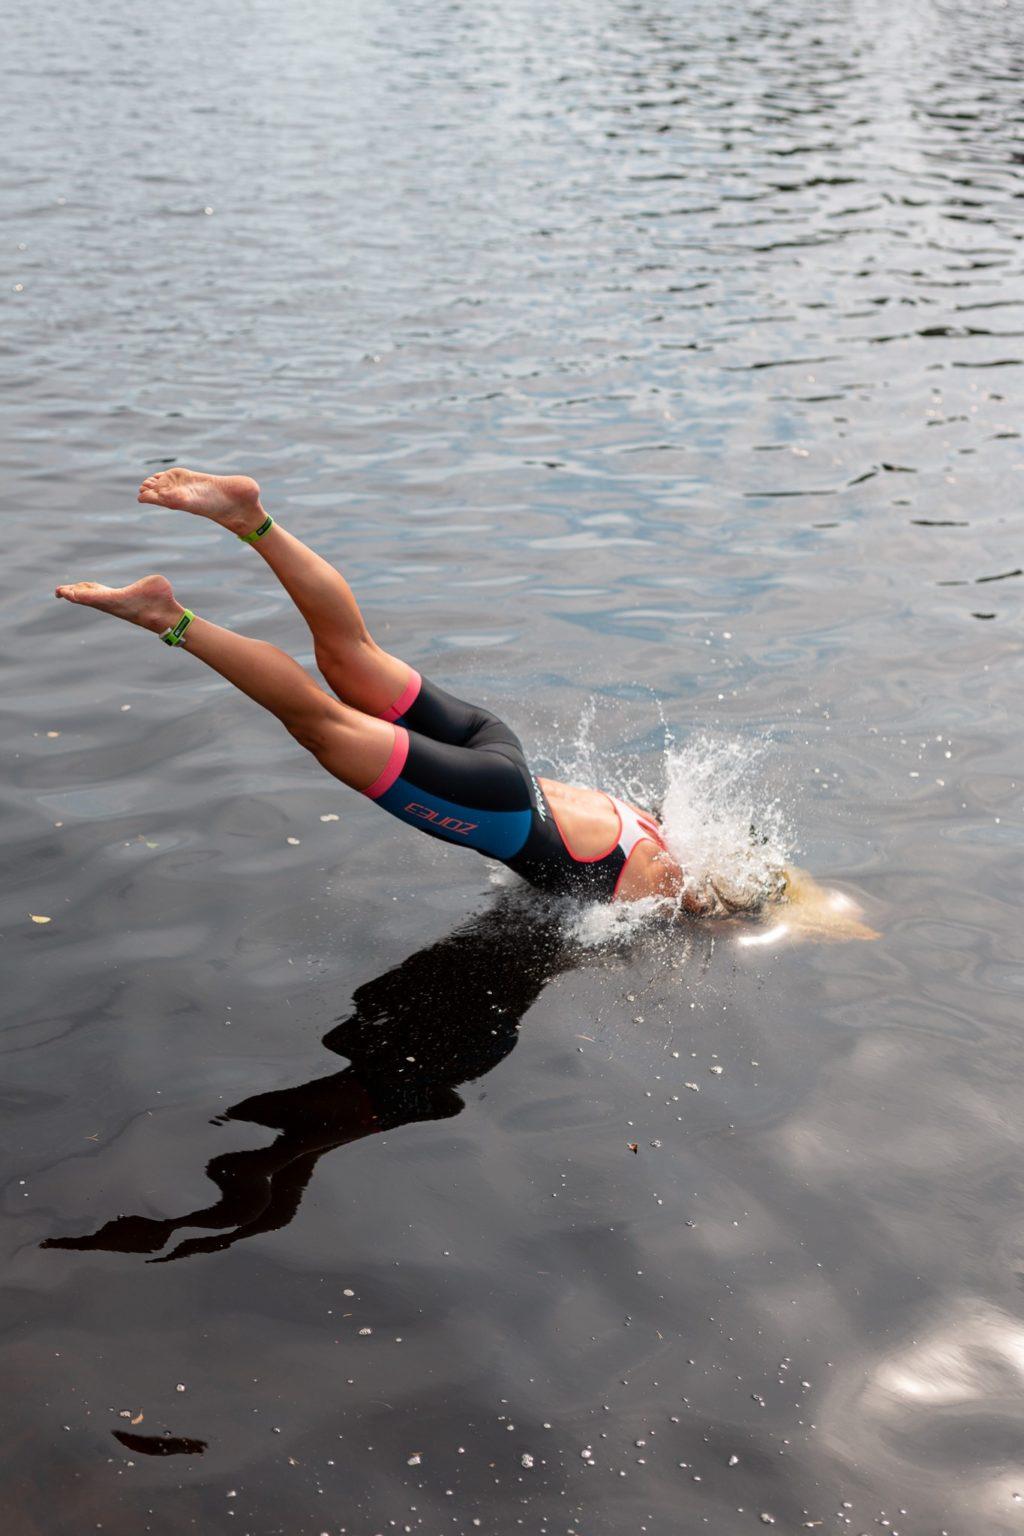 Kvinna dyker i vatten med simkläder.